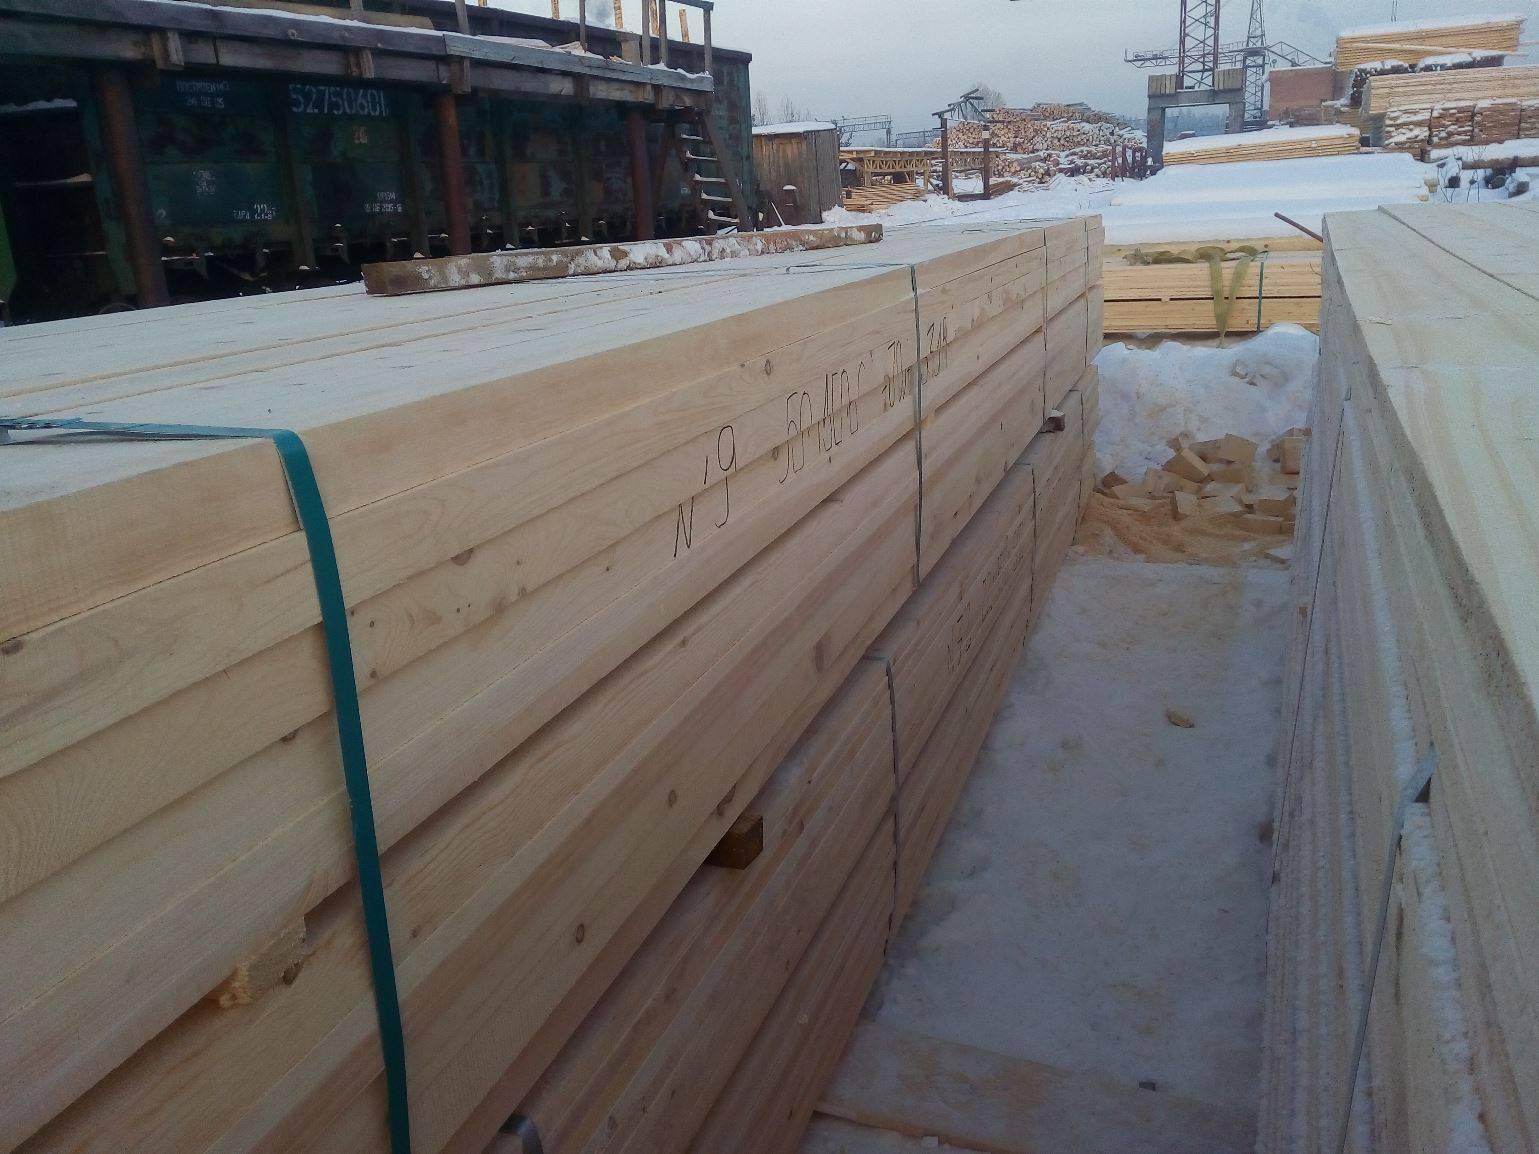 Siberian timber